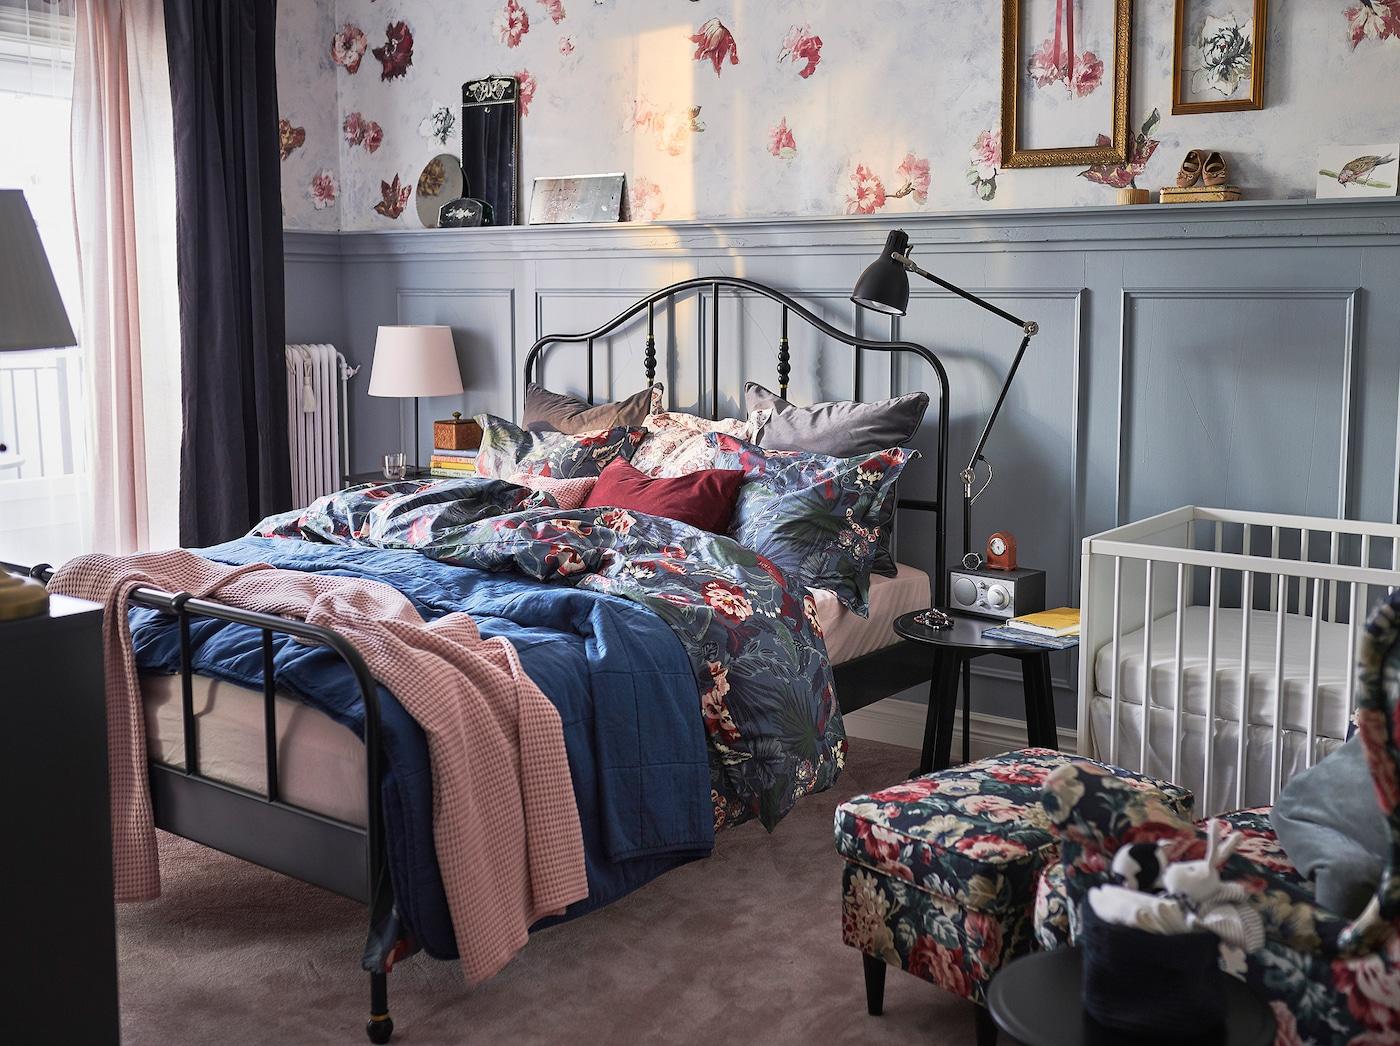 Ein Schlafzimmer mit Blumentapete, einem Bett mit blumiger Bettwäsche und einem weißen Kinderbett.